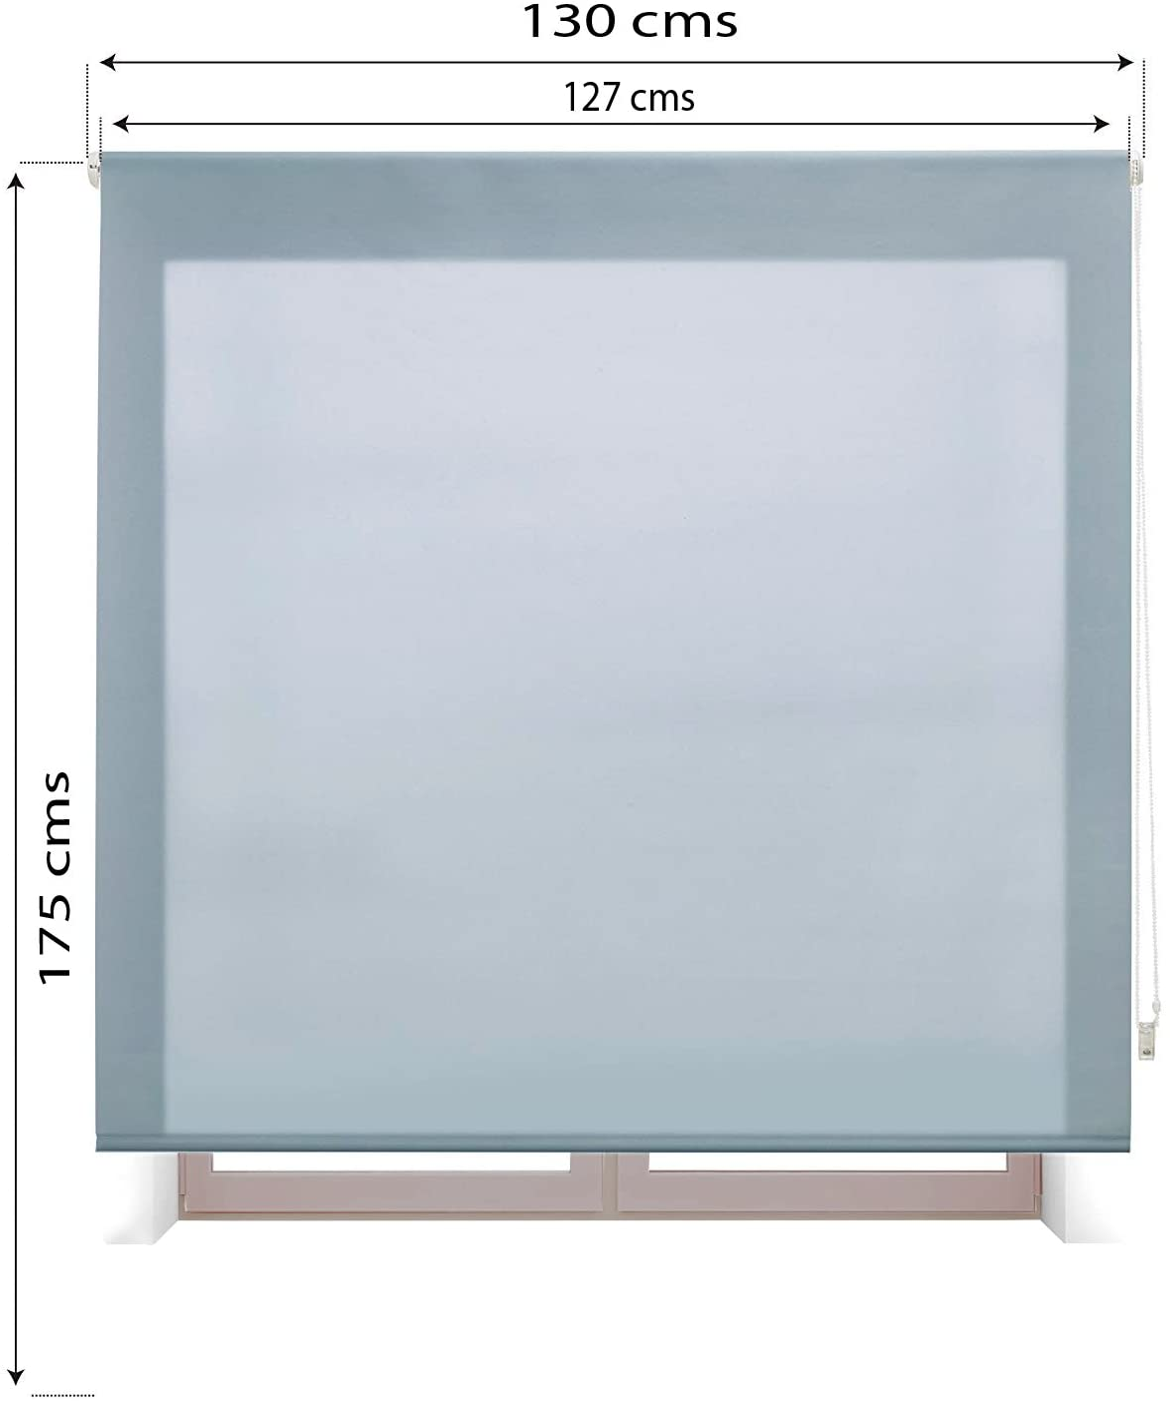 Estoralis MYRCELLA Tenda a Rullo Jacquard 110 x 175 cm Azzurro